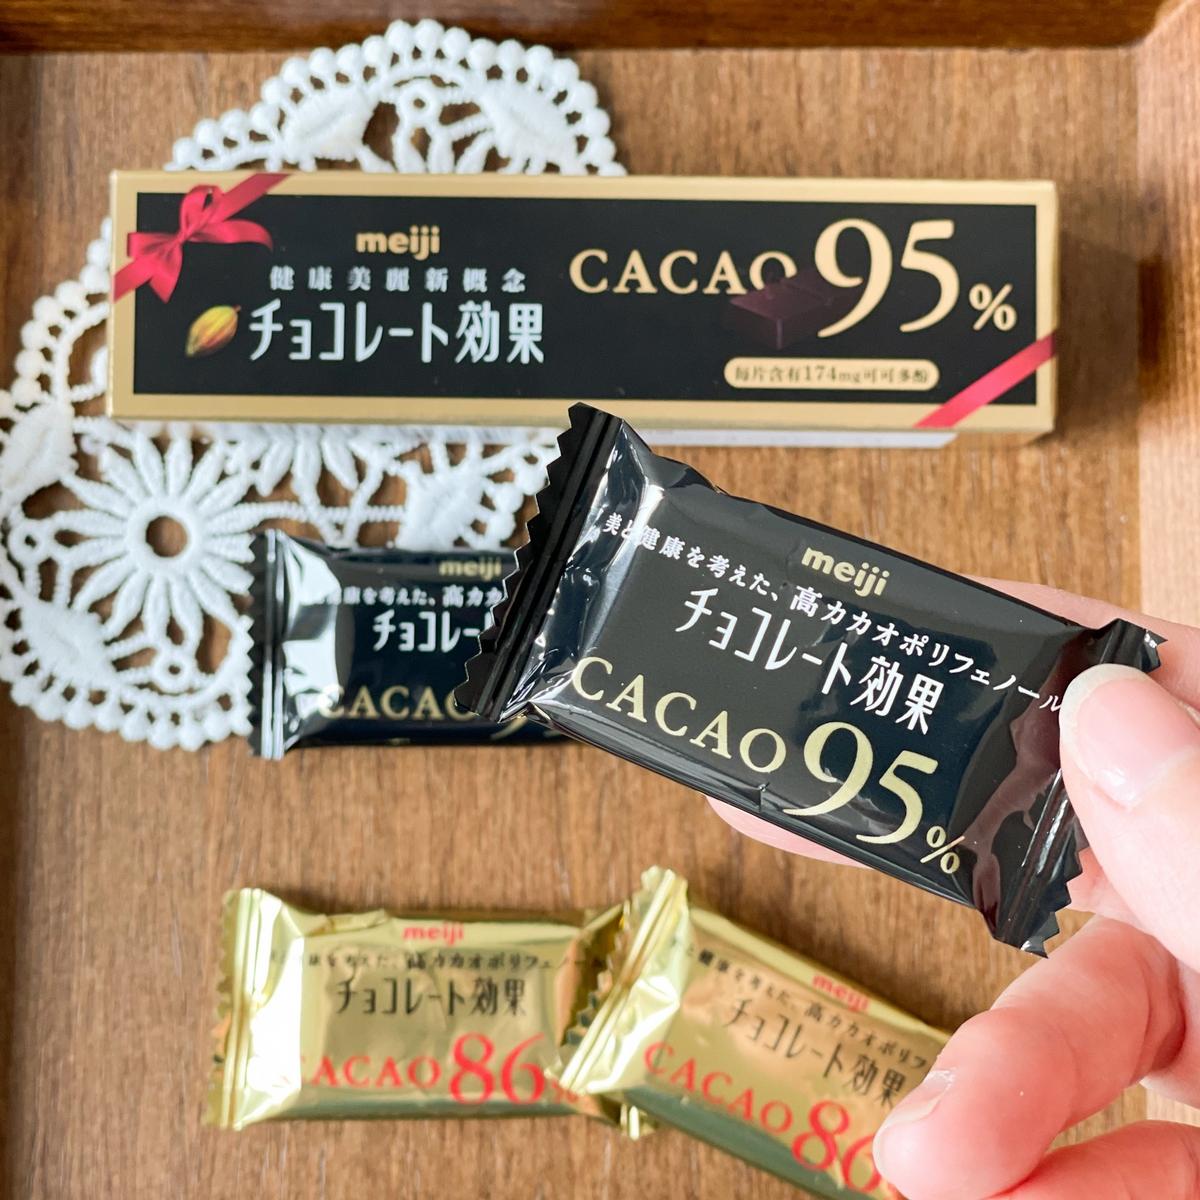 嘴饞也能輕鬆吃!7-11推出烘烤洋芋片、減糖巧克力、低卡果凍等低負擔零食